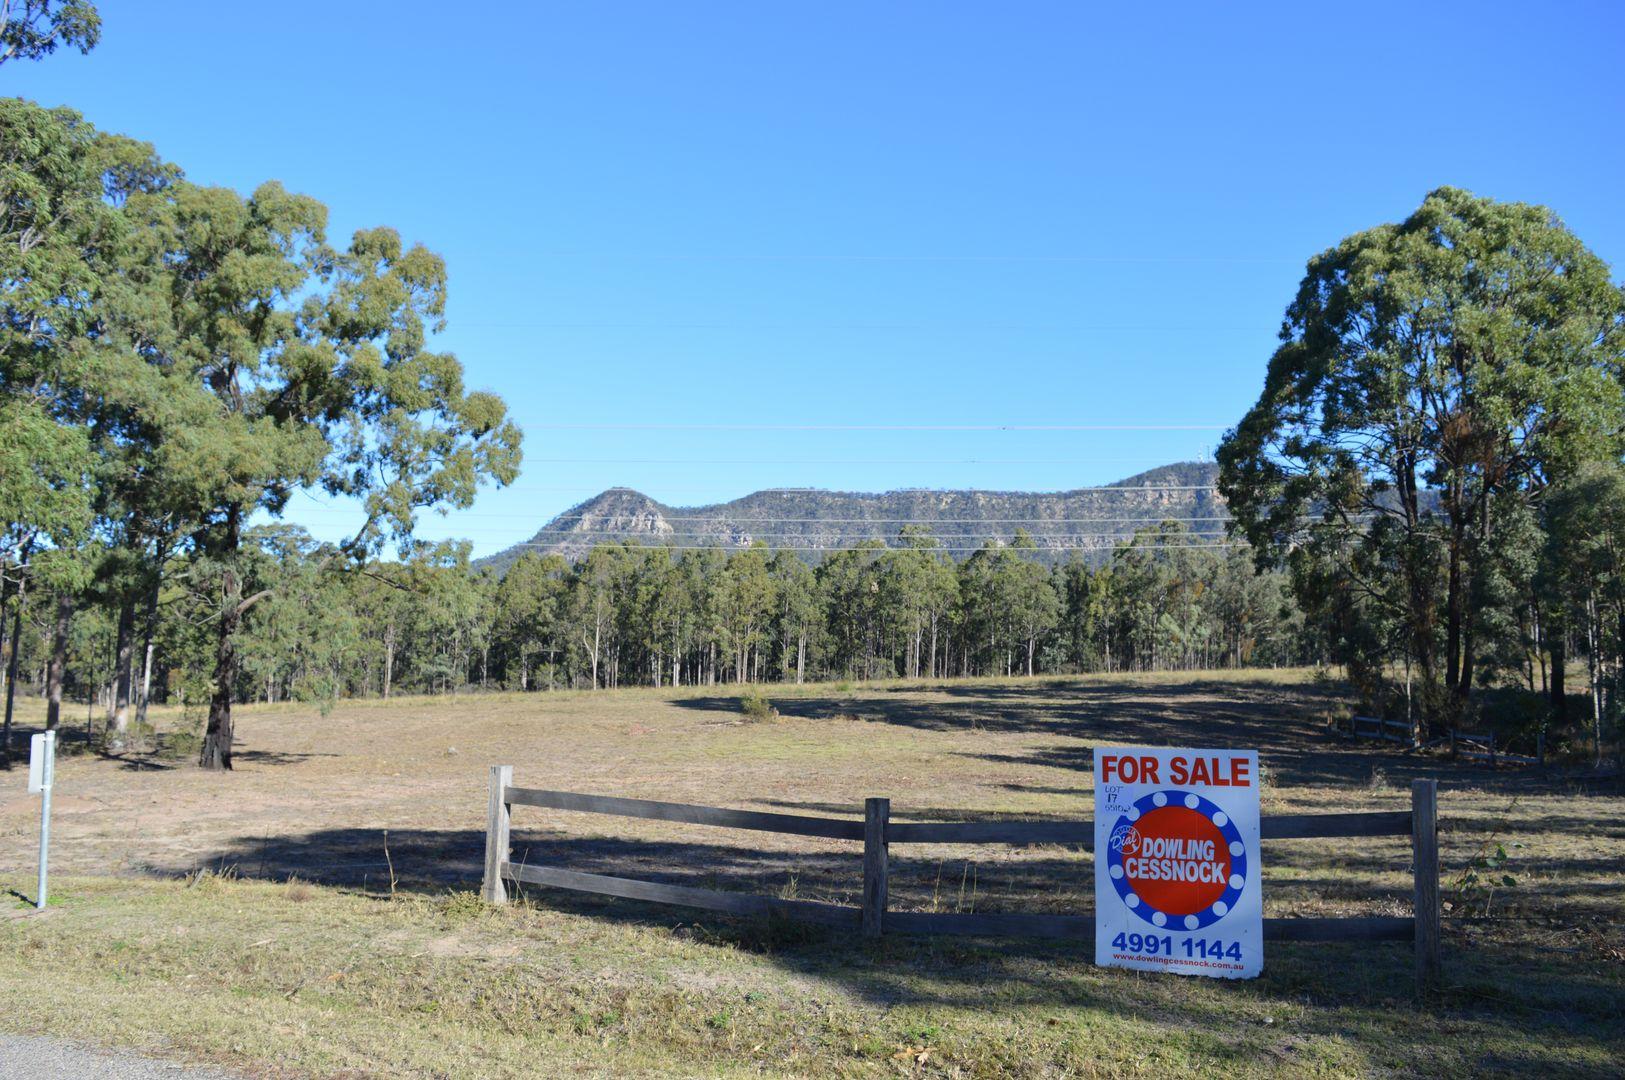 Lot 17/26 Blue Cliff Road, Pokolbin NSW 2320, Image 0